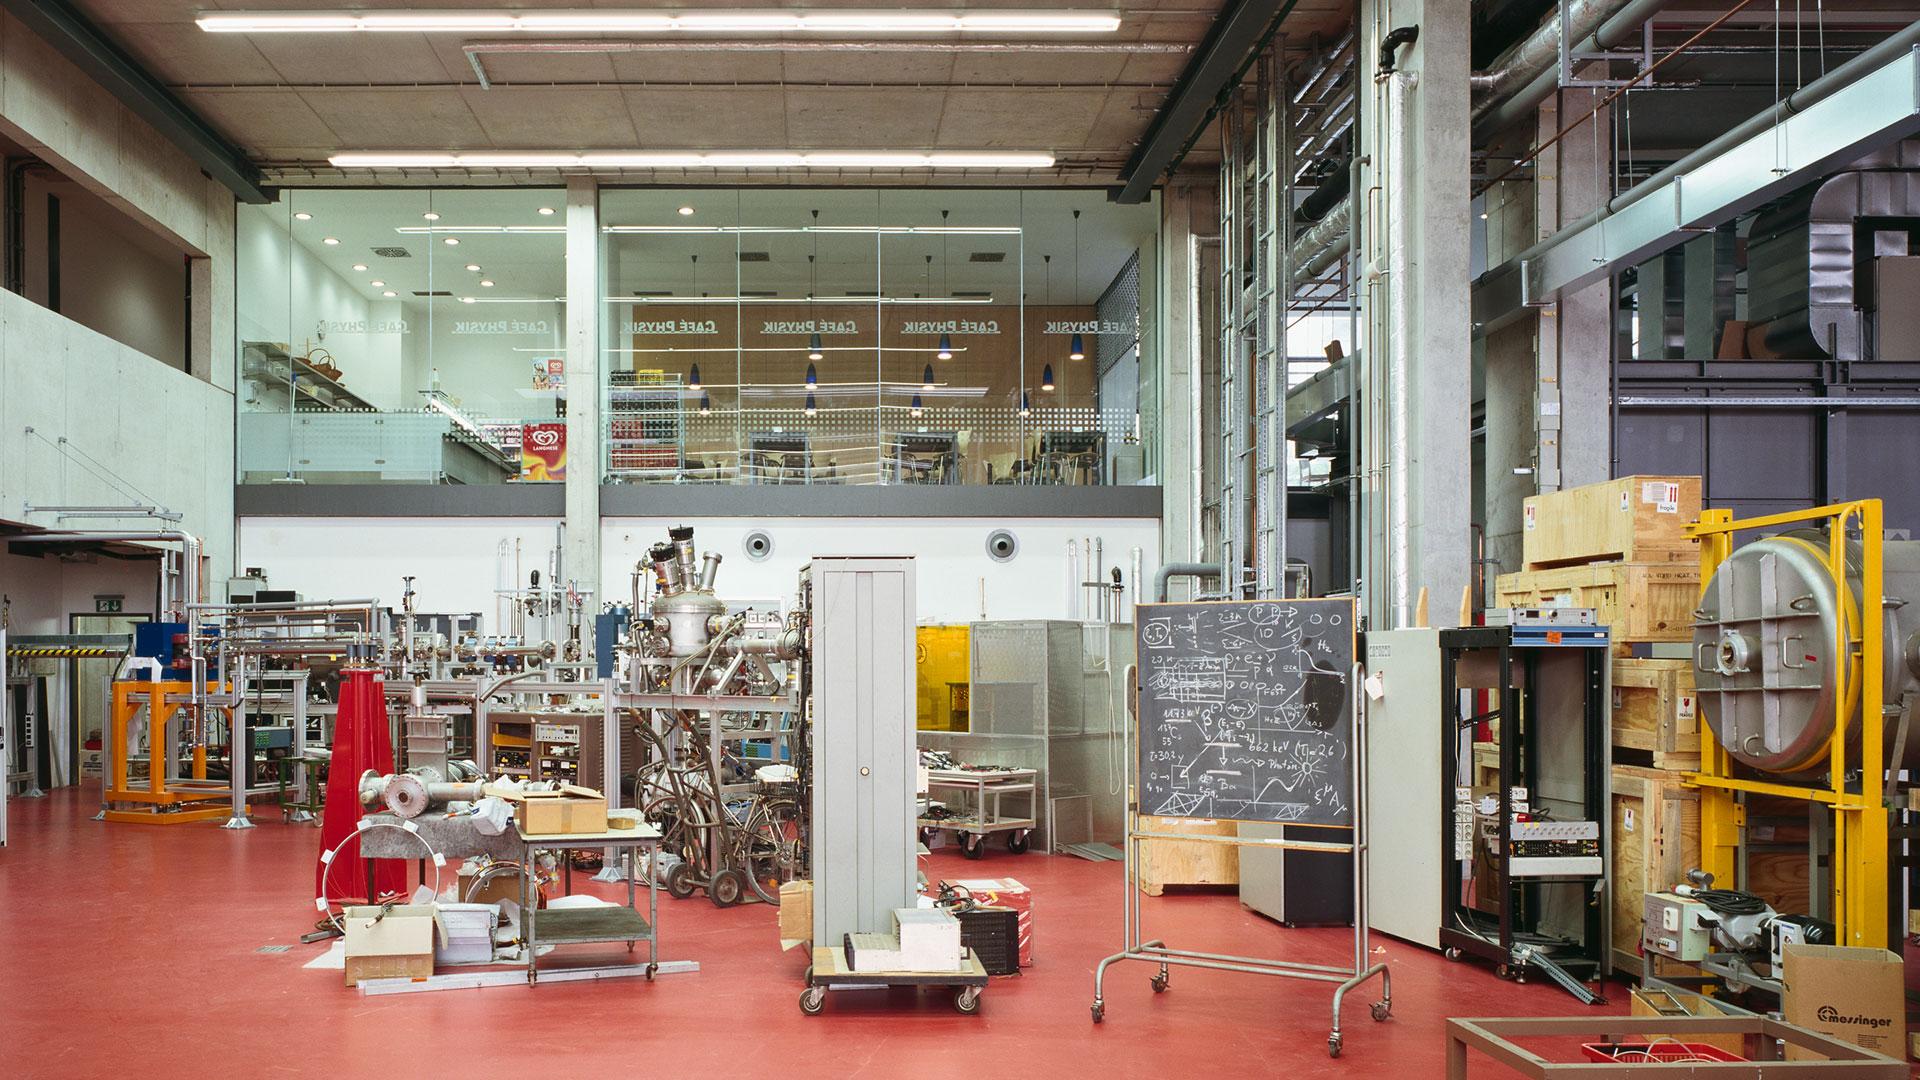 Physikalisches Institut Frankfurt 4 - ArGe Architekten